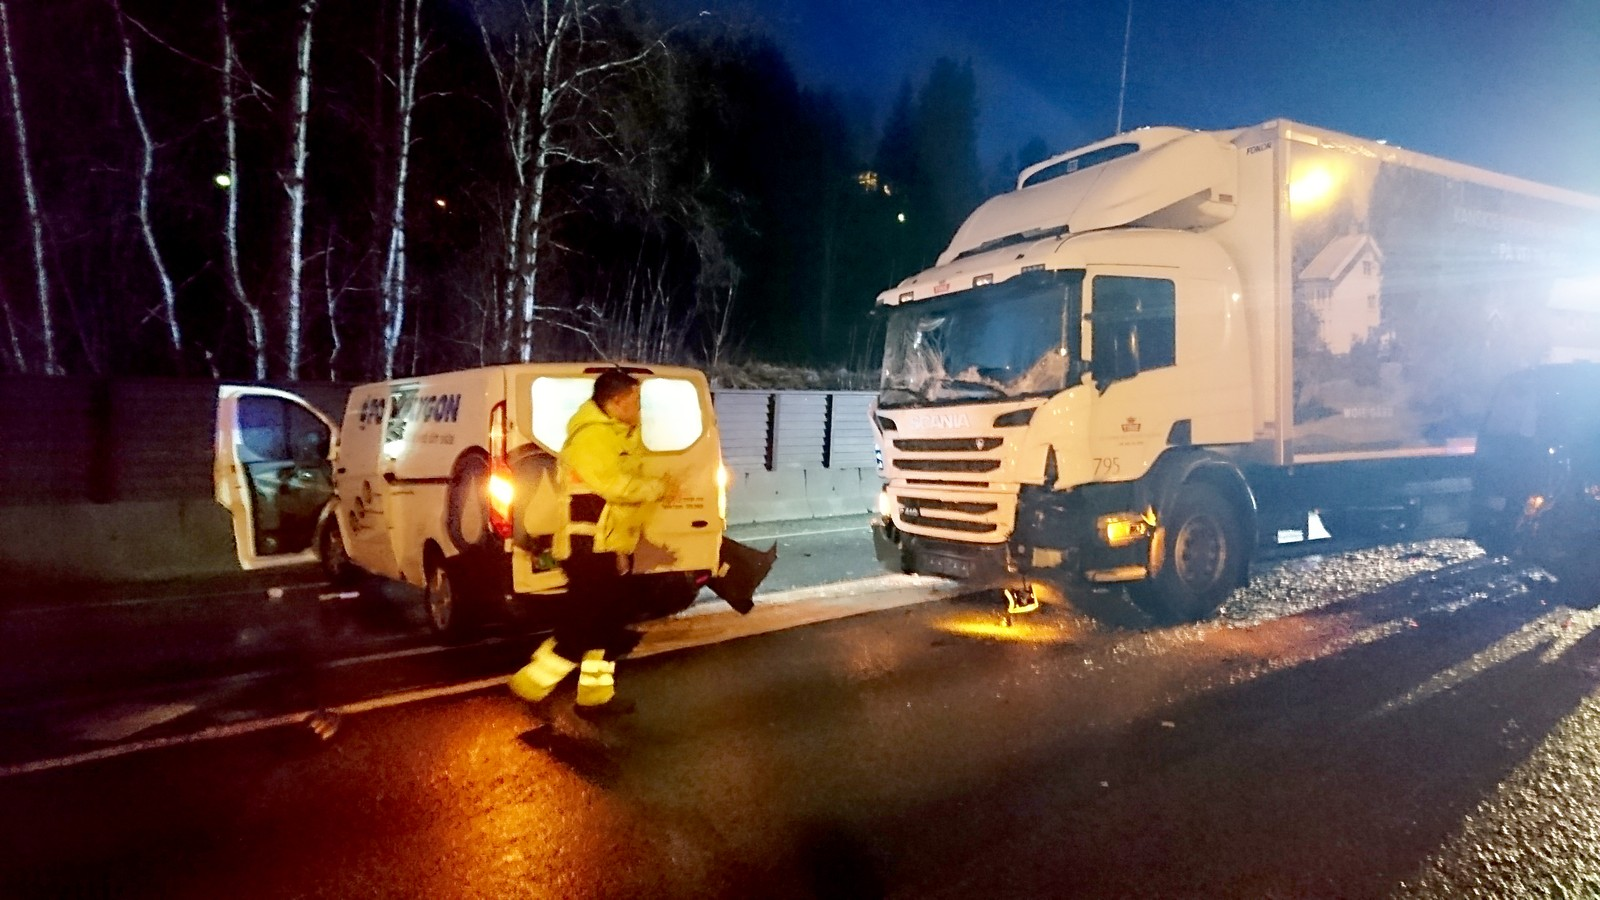 Ulykken skjedde klokken 06.30 akkurat etter utløpet av Eidsvågtunnelen nordover på E39. Bilistene kom ut fra tunnelen på motorveien og ble møtt av speilblankt føre på motorveien. Her er Bjørnar Holm på veien rett etter krasjen.